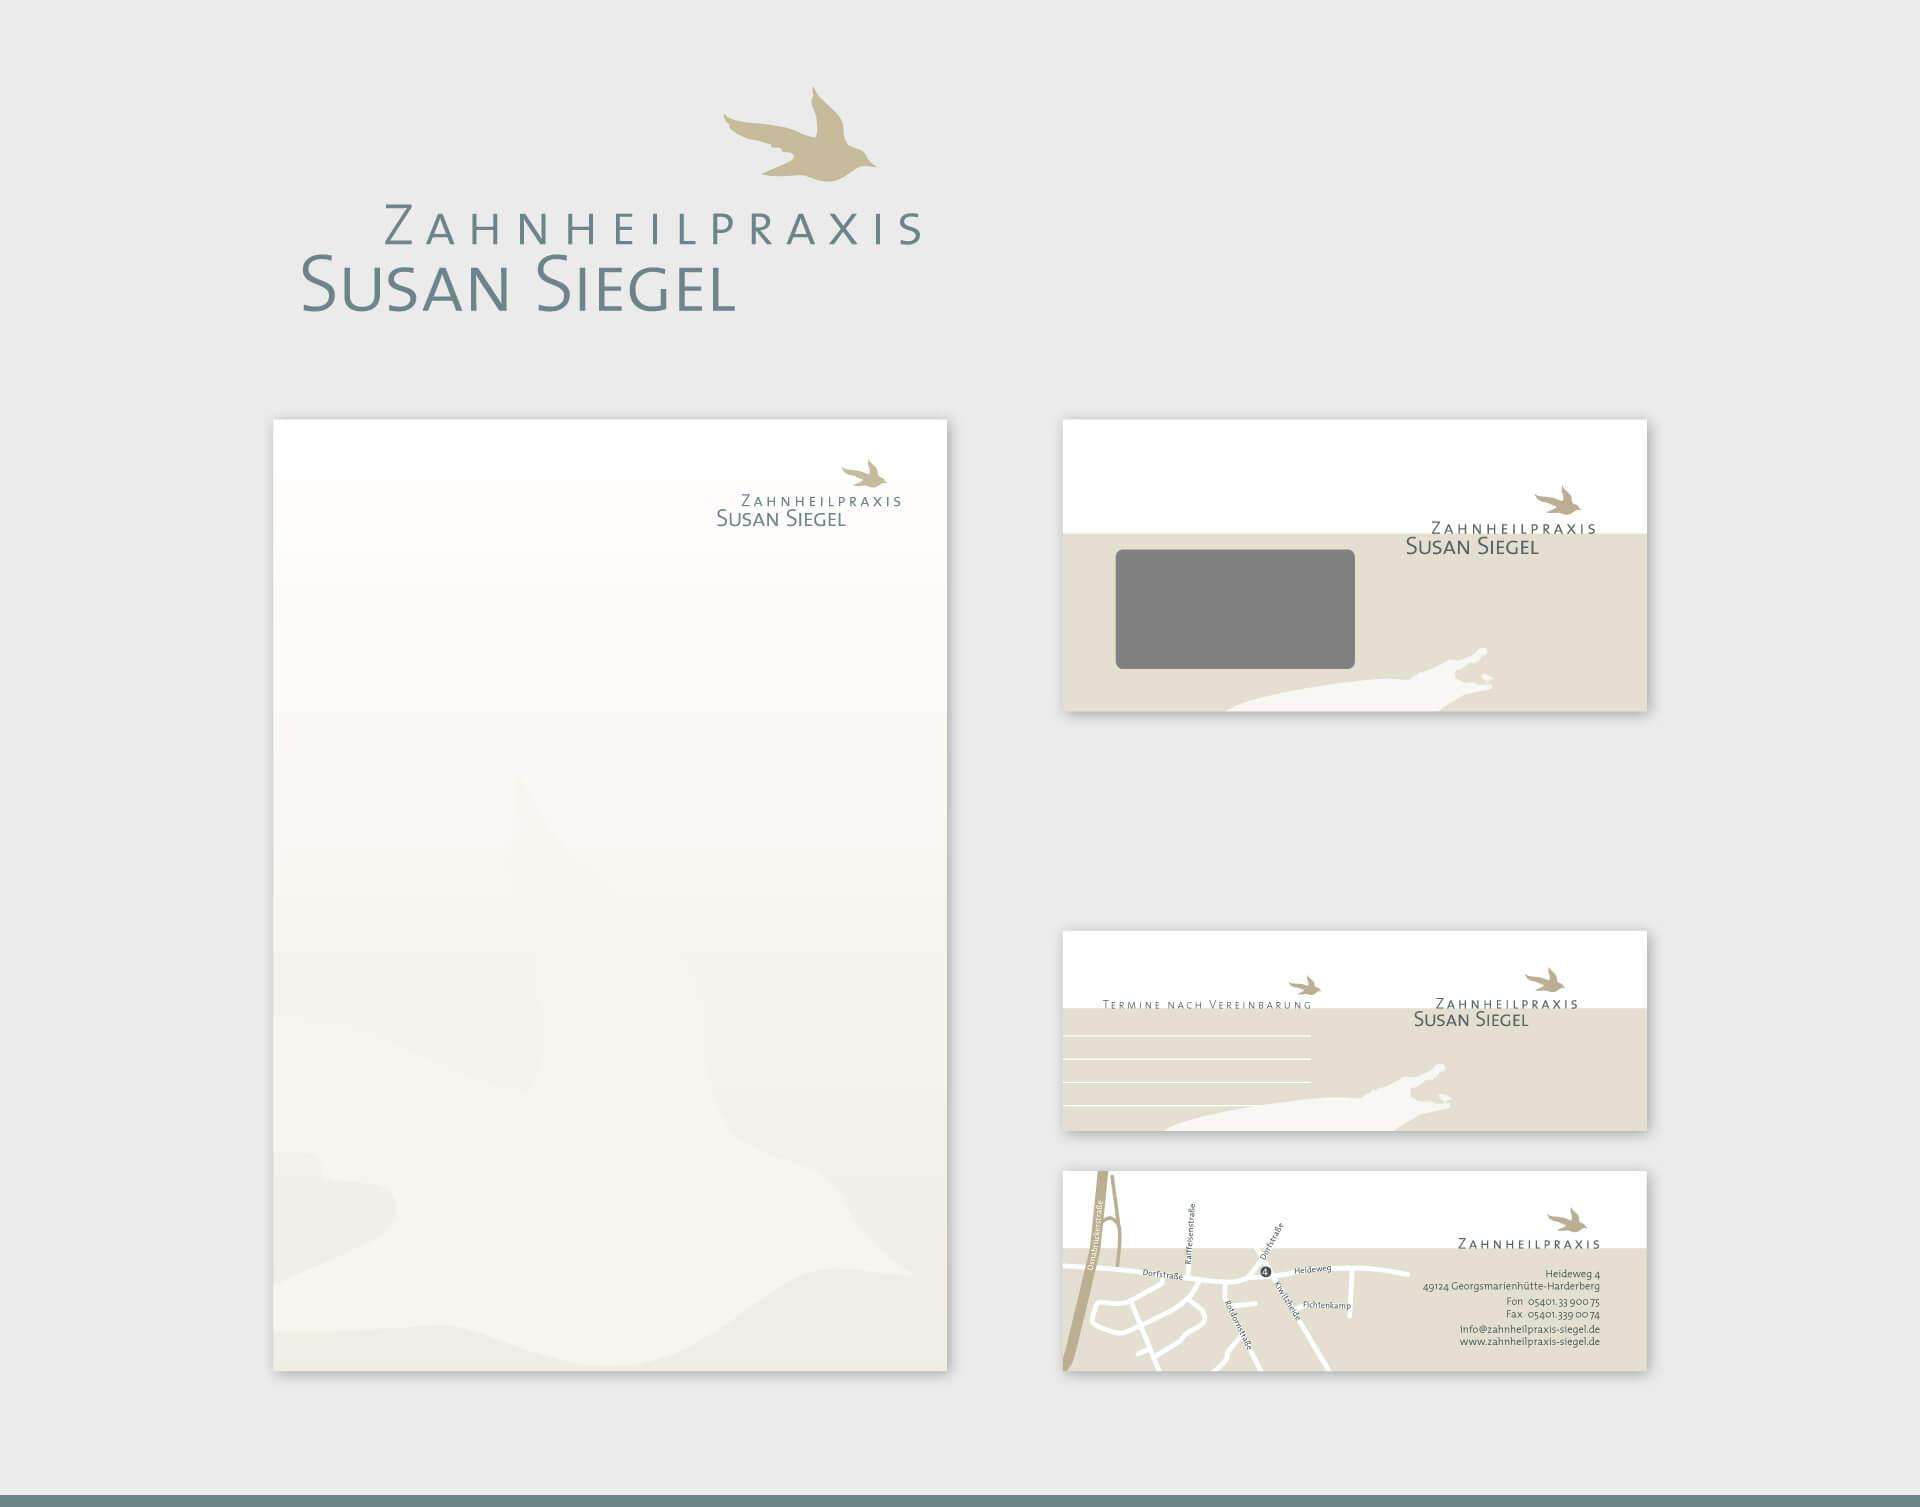 Zahnheilpraxis Susan Siegel Briefpapier Briefumschlag Visitenkarte